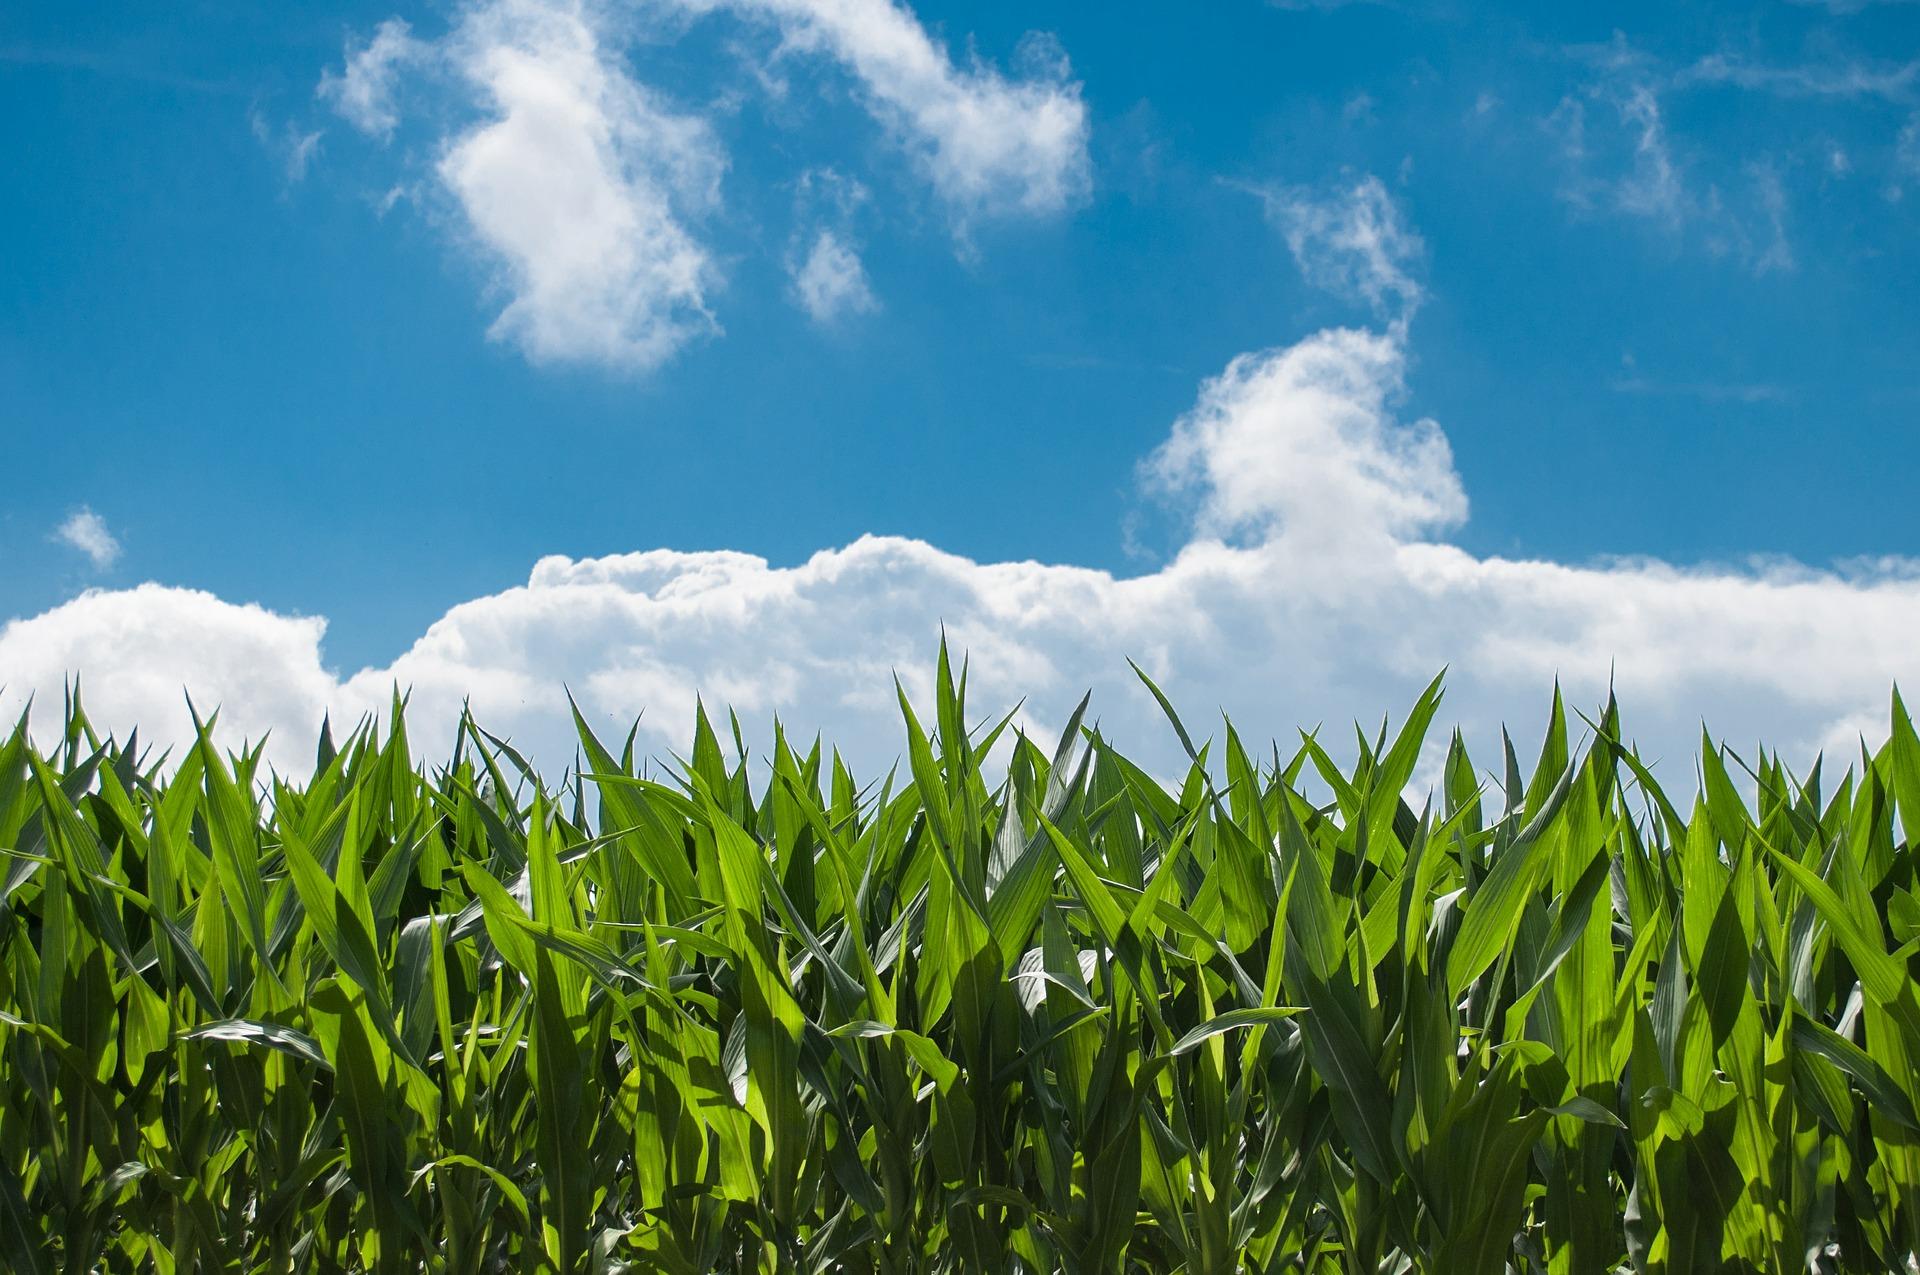 PixaBay (corn field under blue sky)